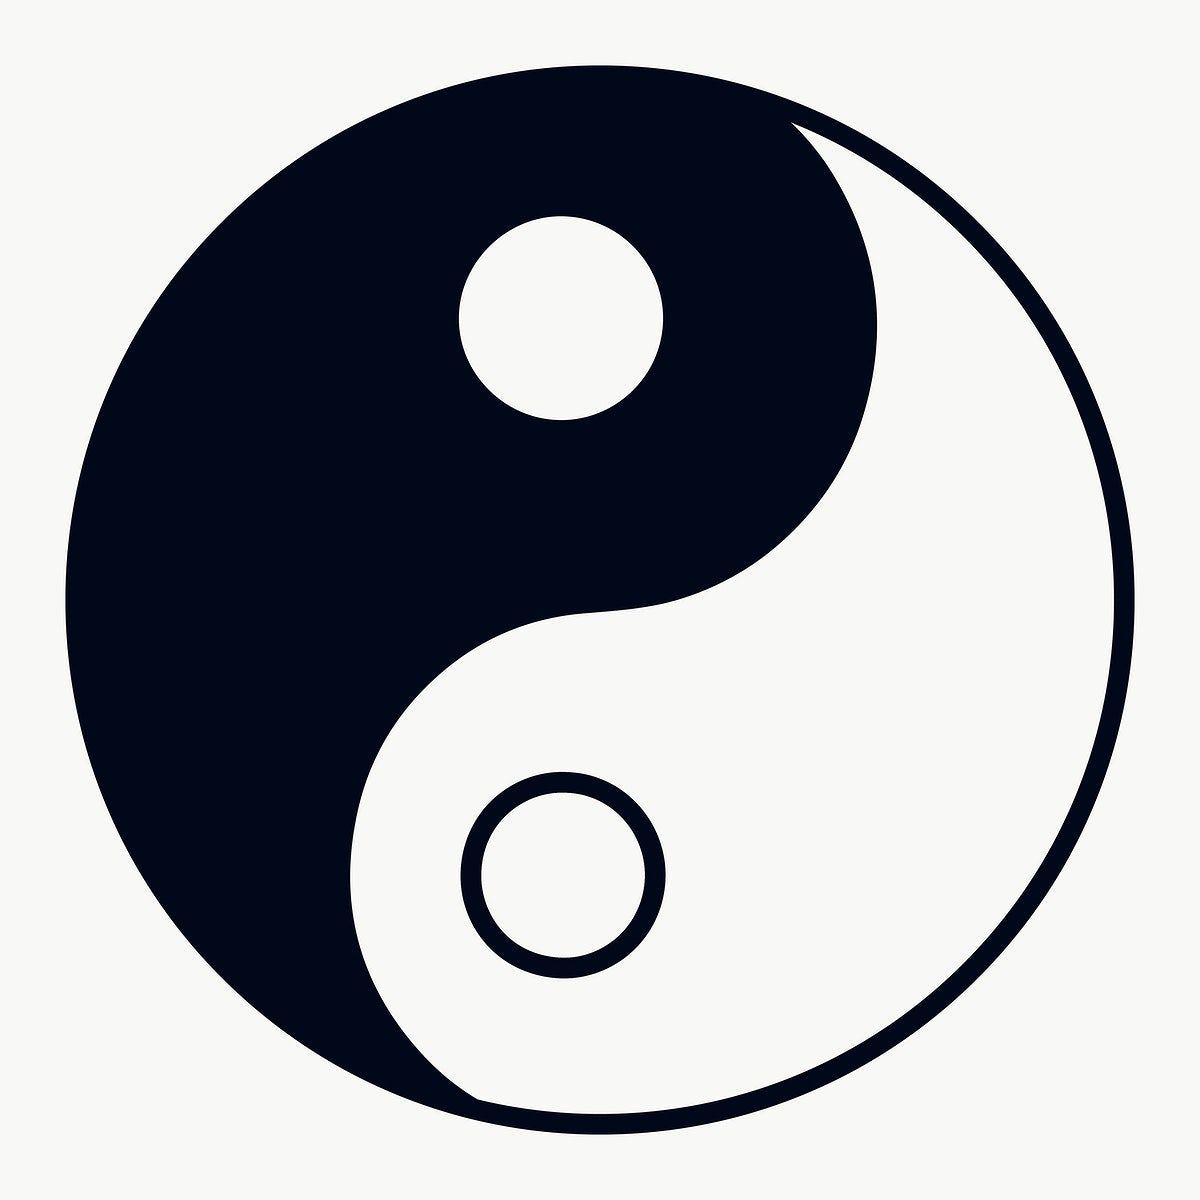 Pin By Maya Matiz On Symbolism Logos Etc Symbol Design Design Element Yin Yang